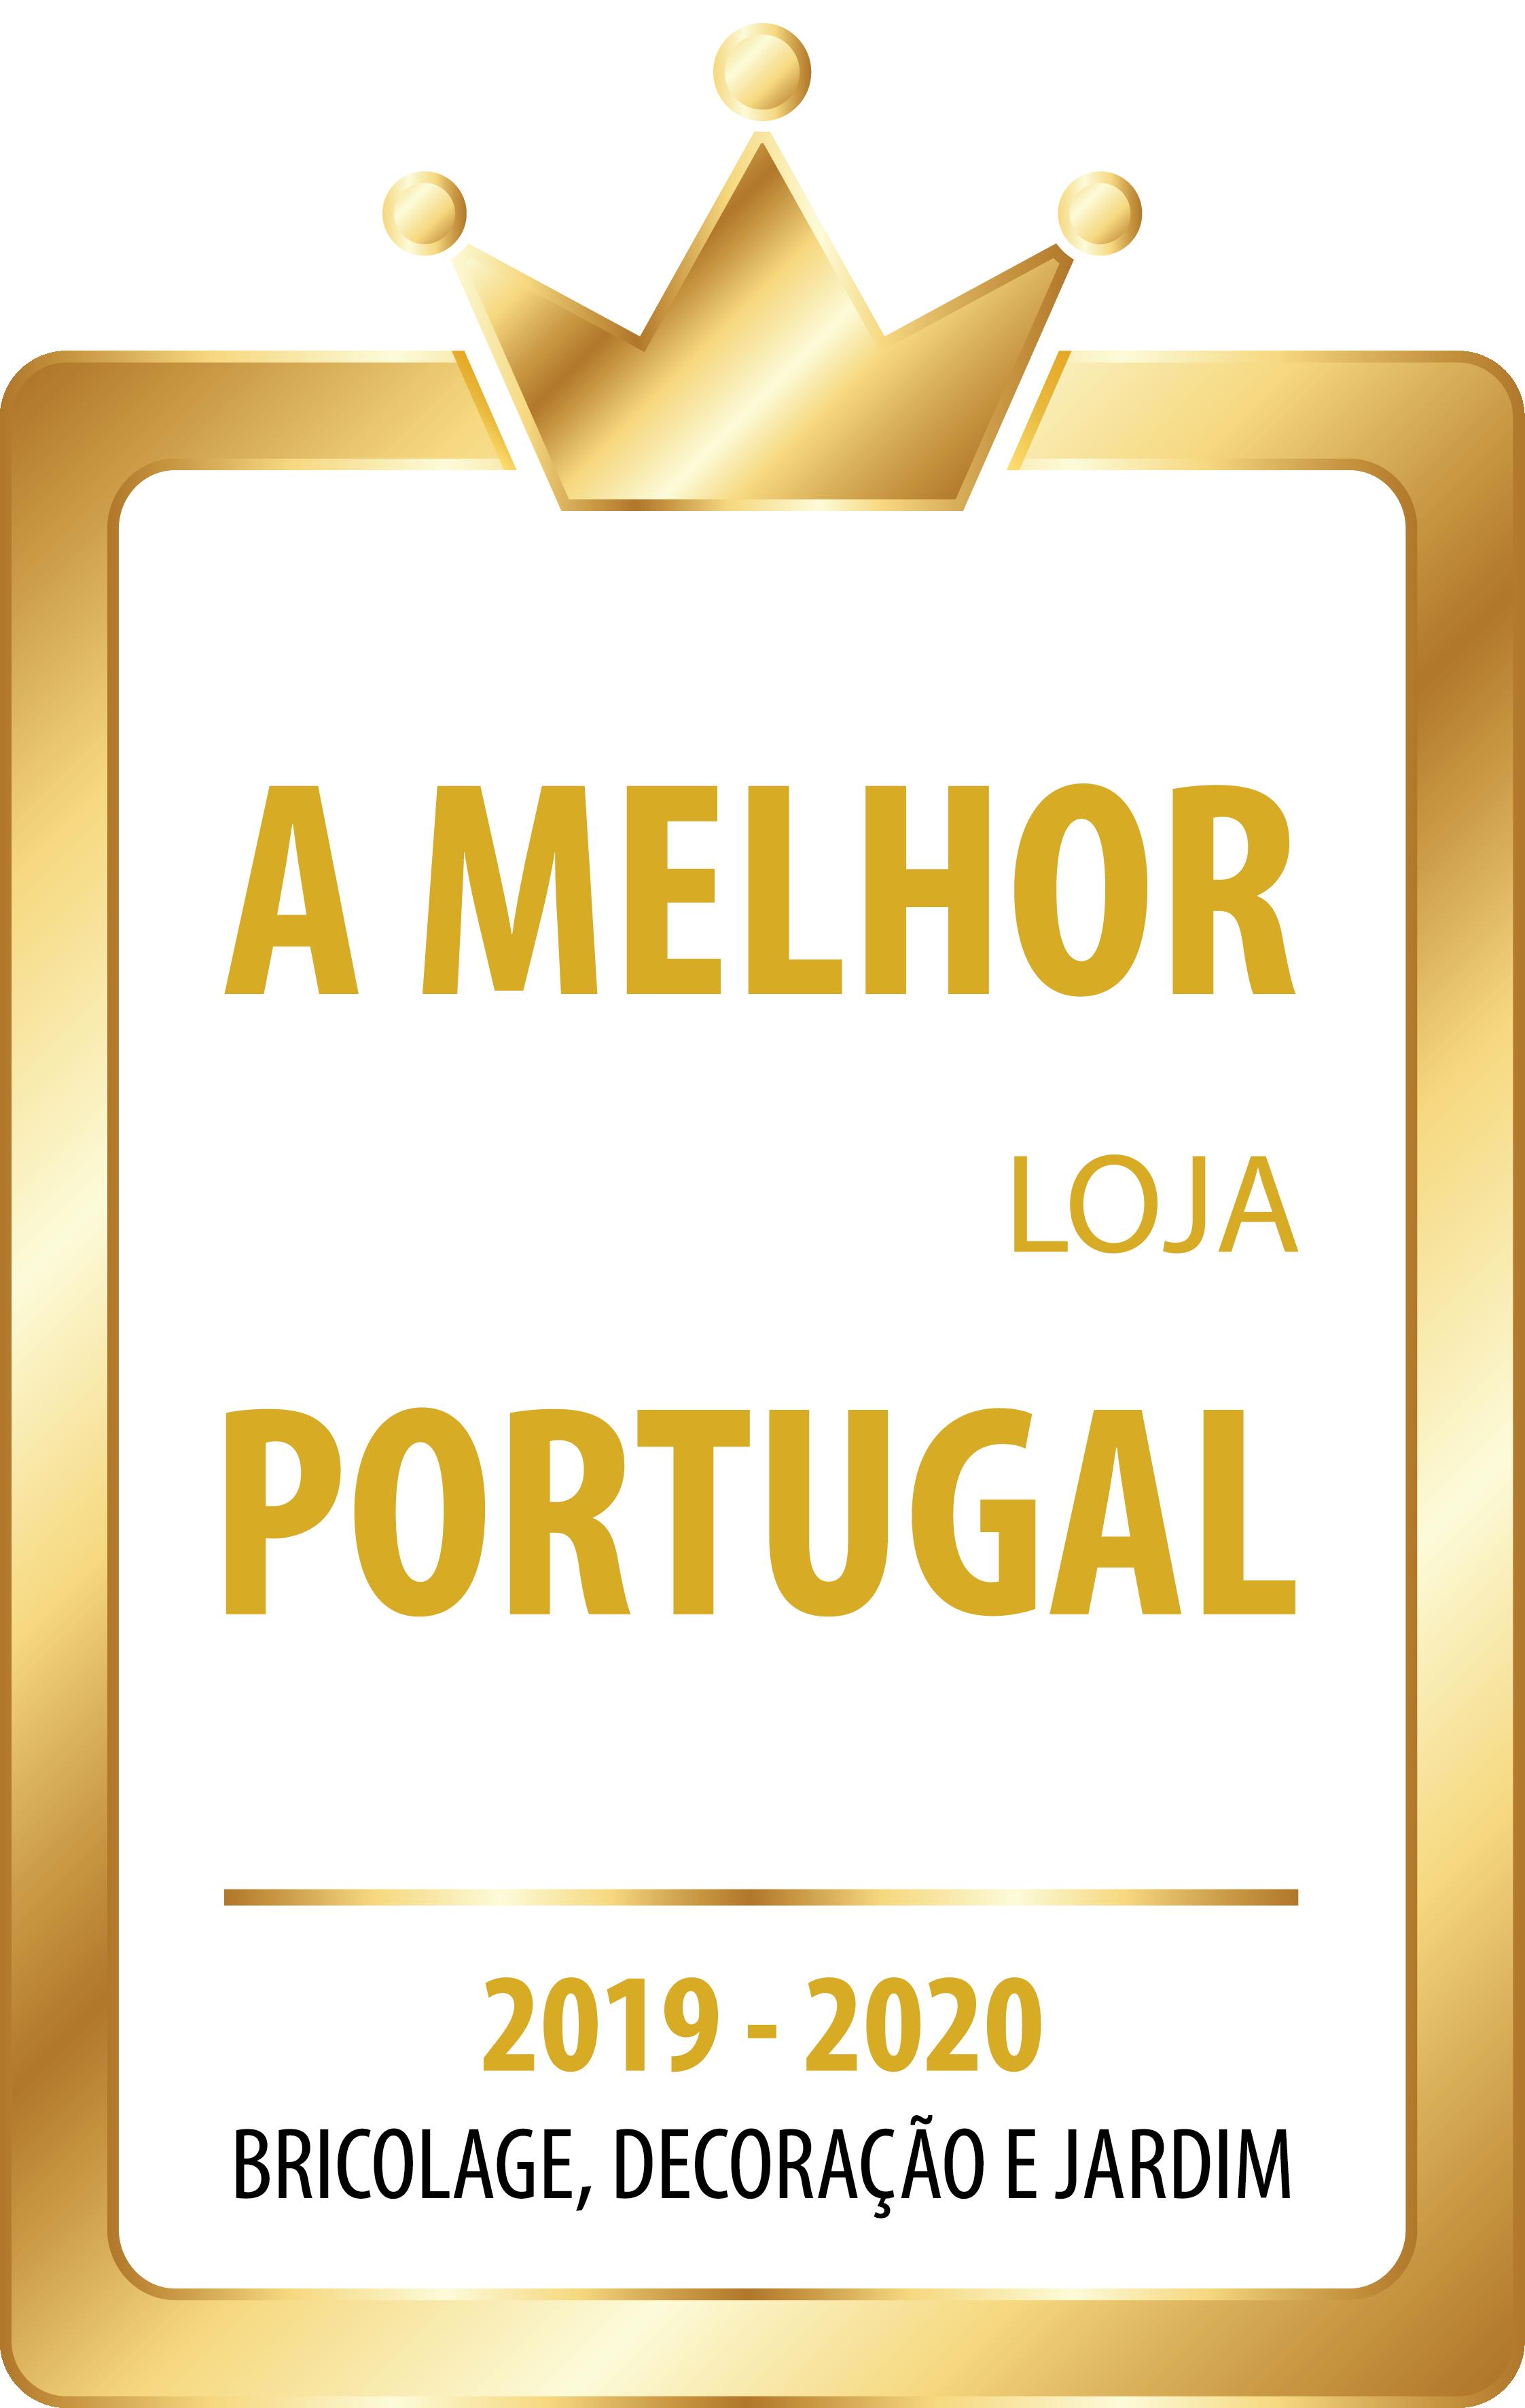 A melhor loja Portugal